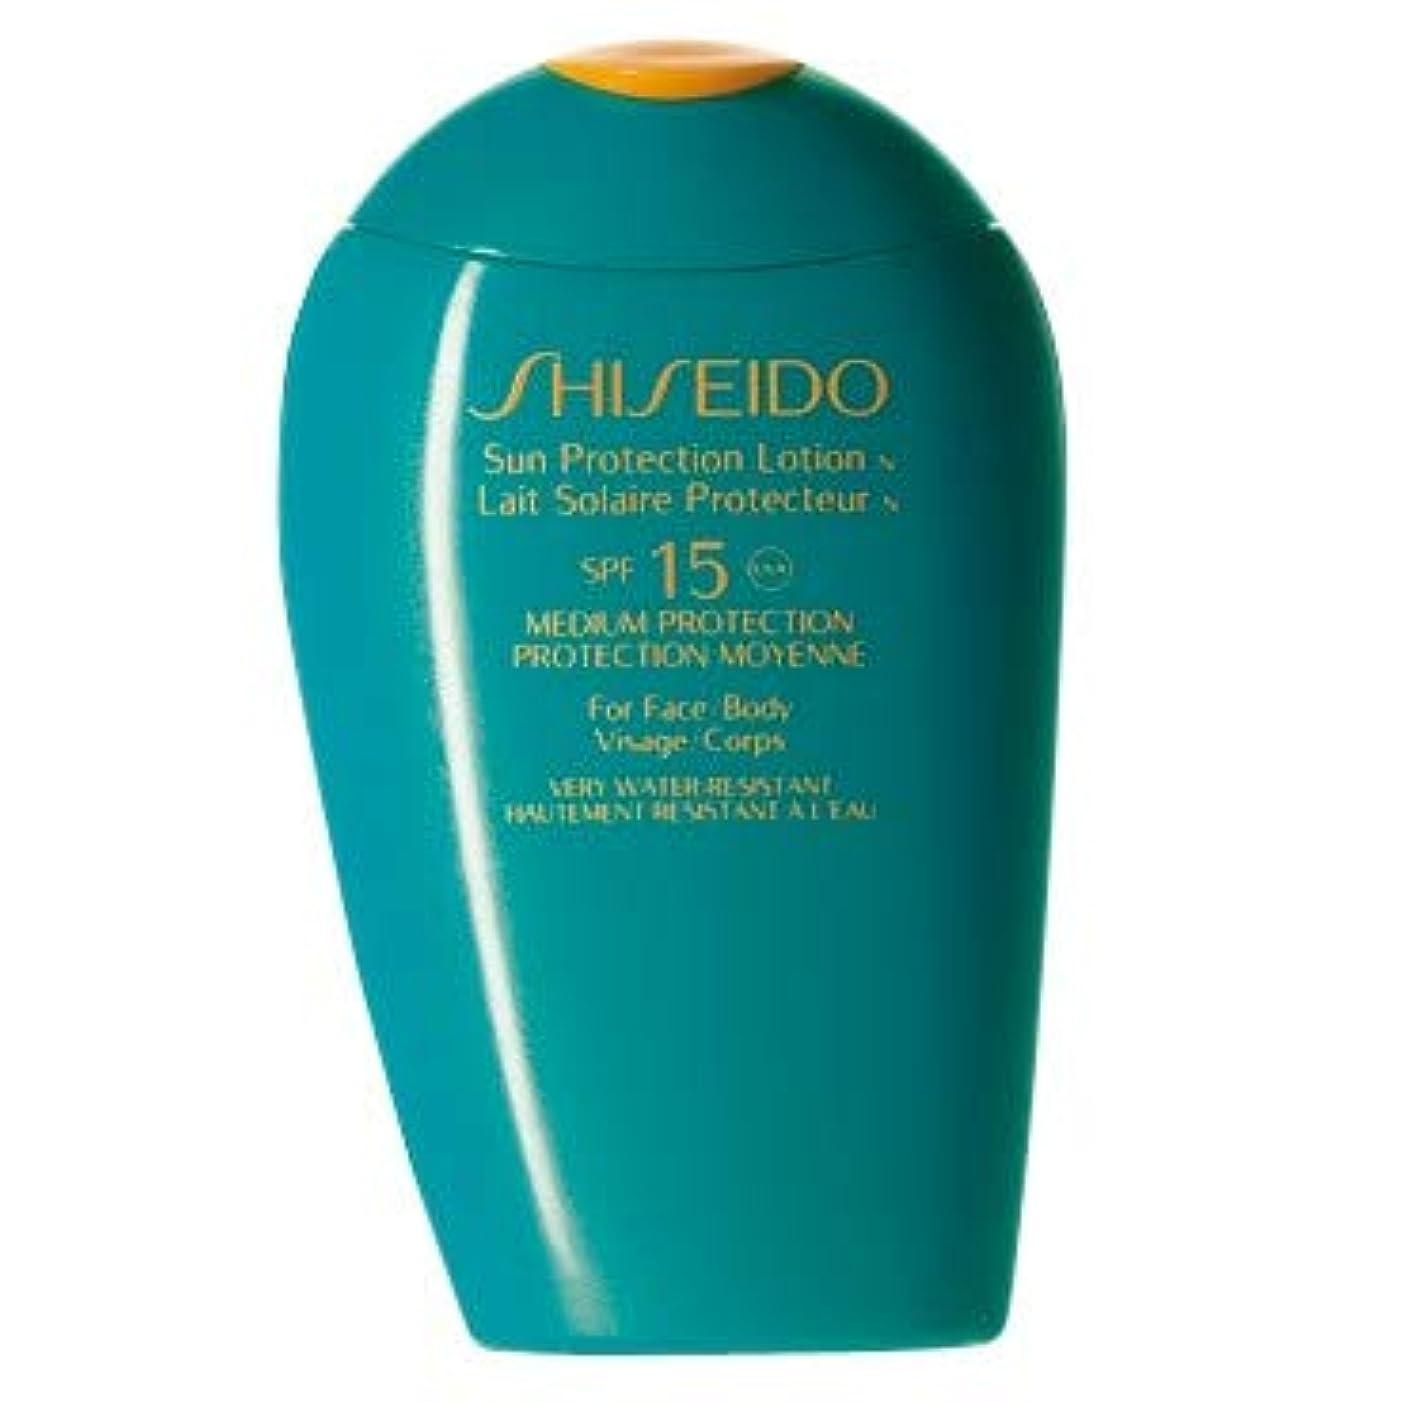 クローン追放する人物[Shiseido] 資生堂日焼け止めローションSpf15 N個の150ミリリットル - Shiseido Sun Protection Lotion N Spf15 150ml [並行輸入品]